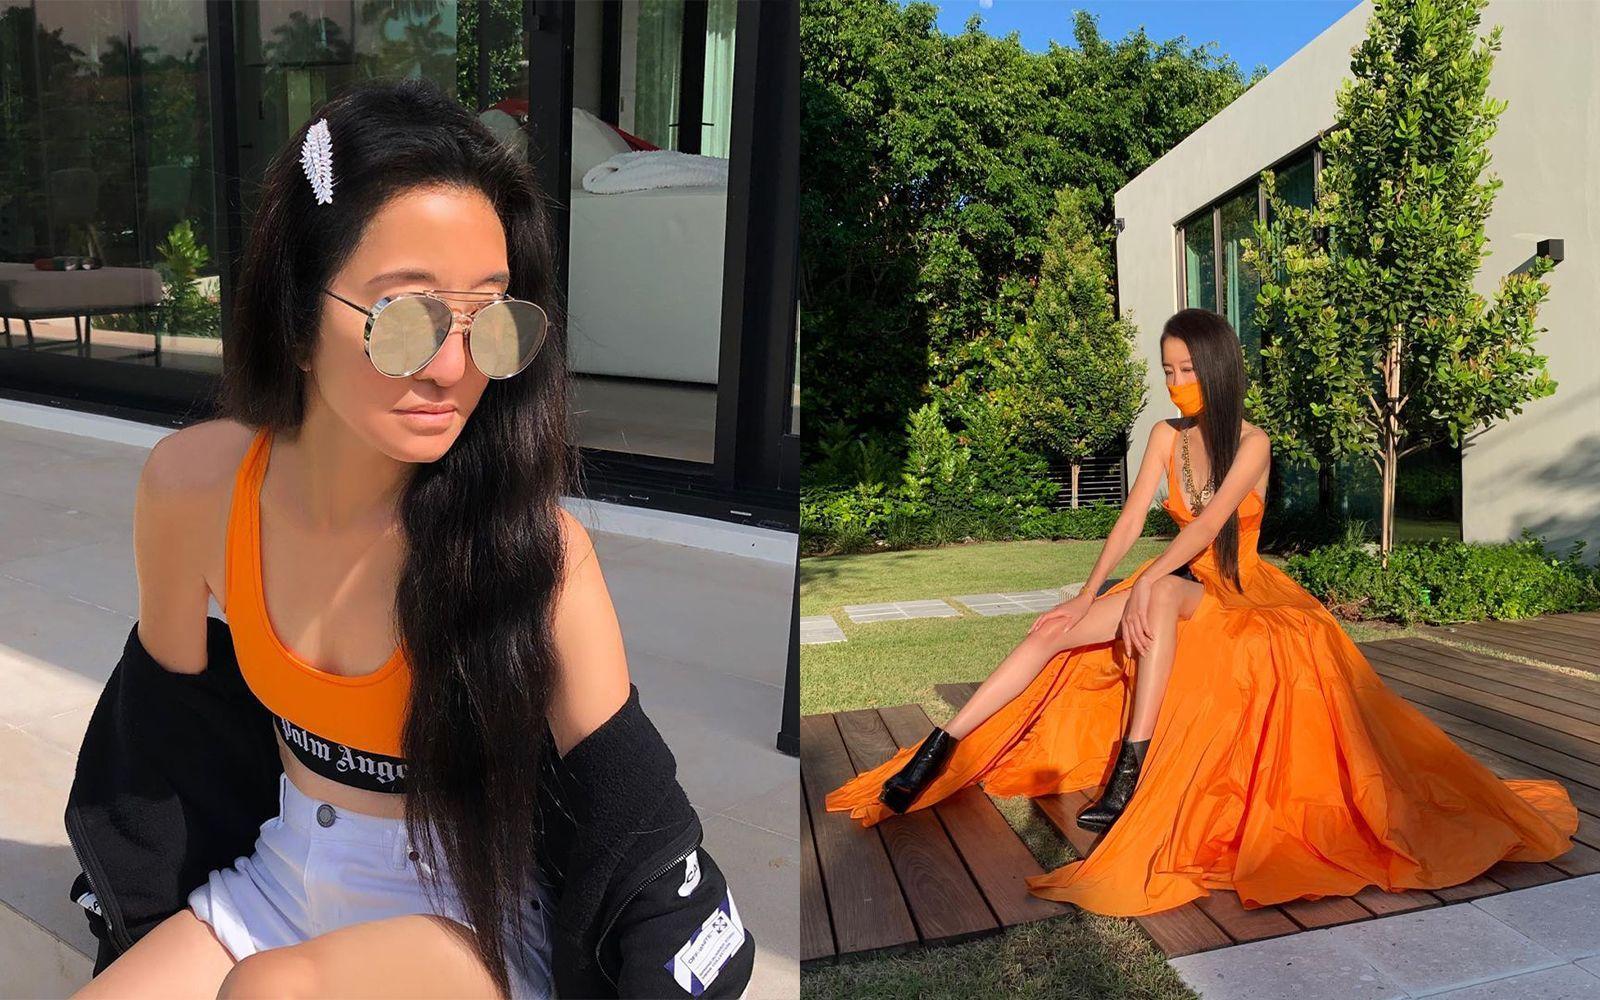 72 વર્ષની ઉંમરમાં પણ વેરા વાંગ ફિટનેસથી લઈને ડ્રેસિંગ સેન્સ, મેકઅપ અને હેરસ્ટાઇલ સુધી  યુવાન યુવતીઓને પણ માત આપે છે. - Divya Bhaskar